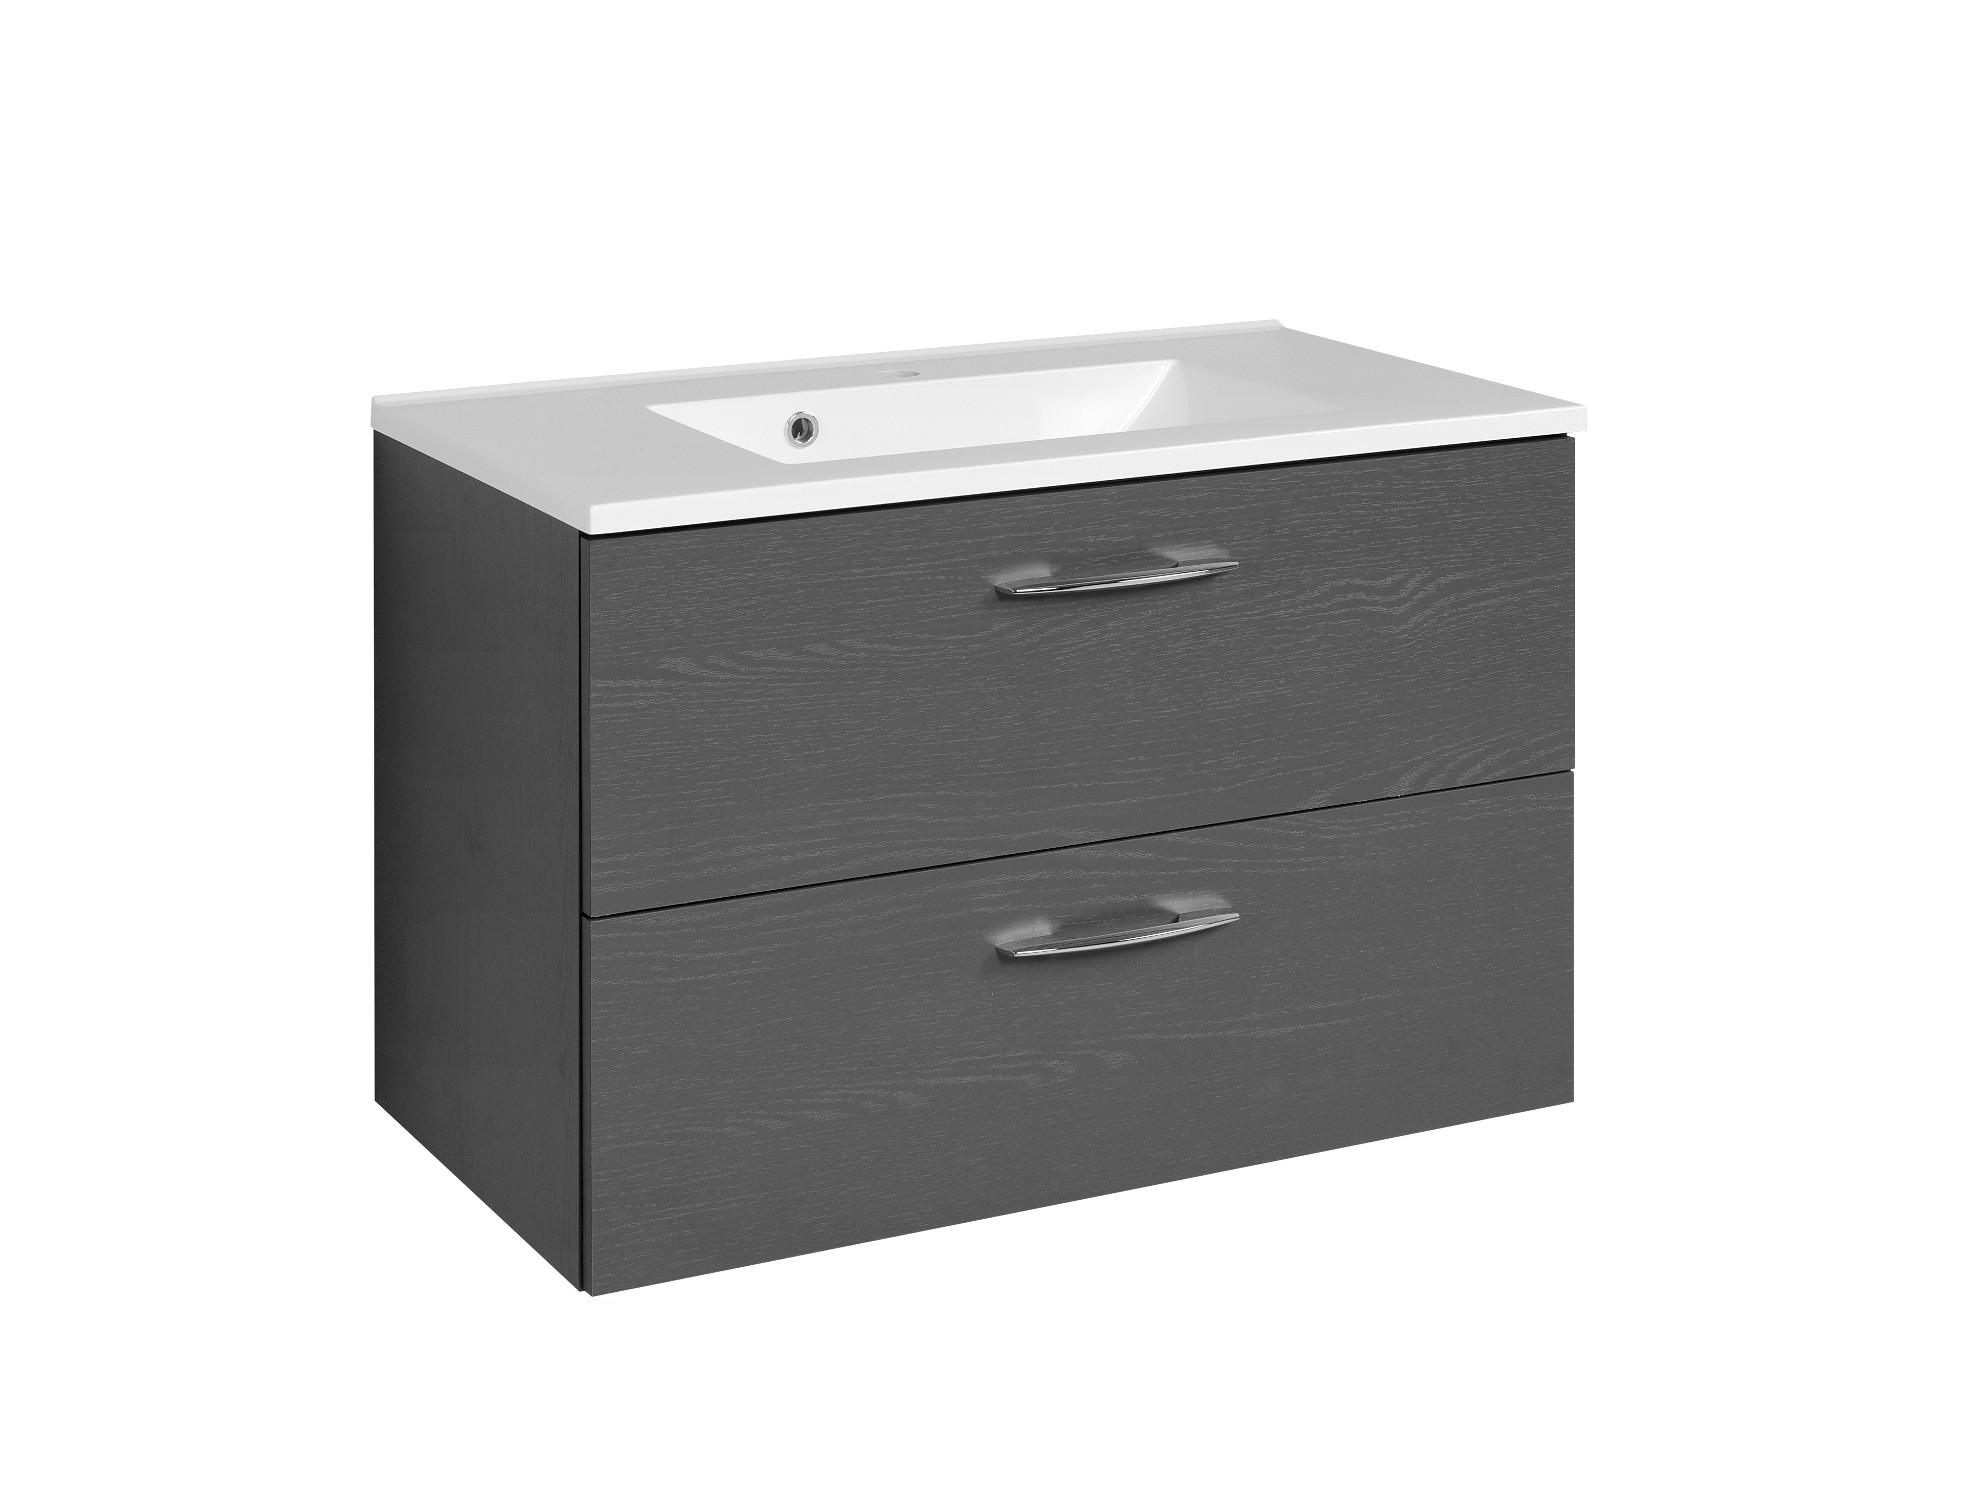 bad waschtisch portofino 2 ausz ge 80 cm breit graphitgrau bad portofino. Black Bedroom Furniture Sets. Home Design Ideas